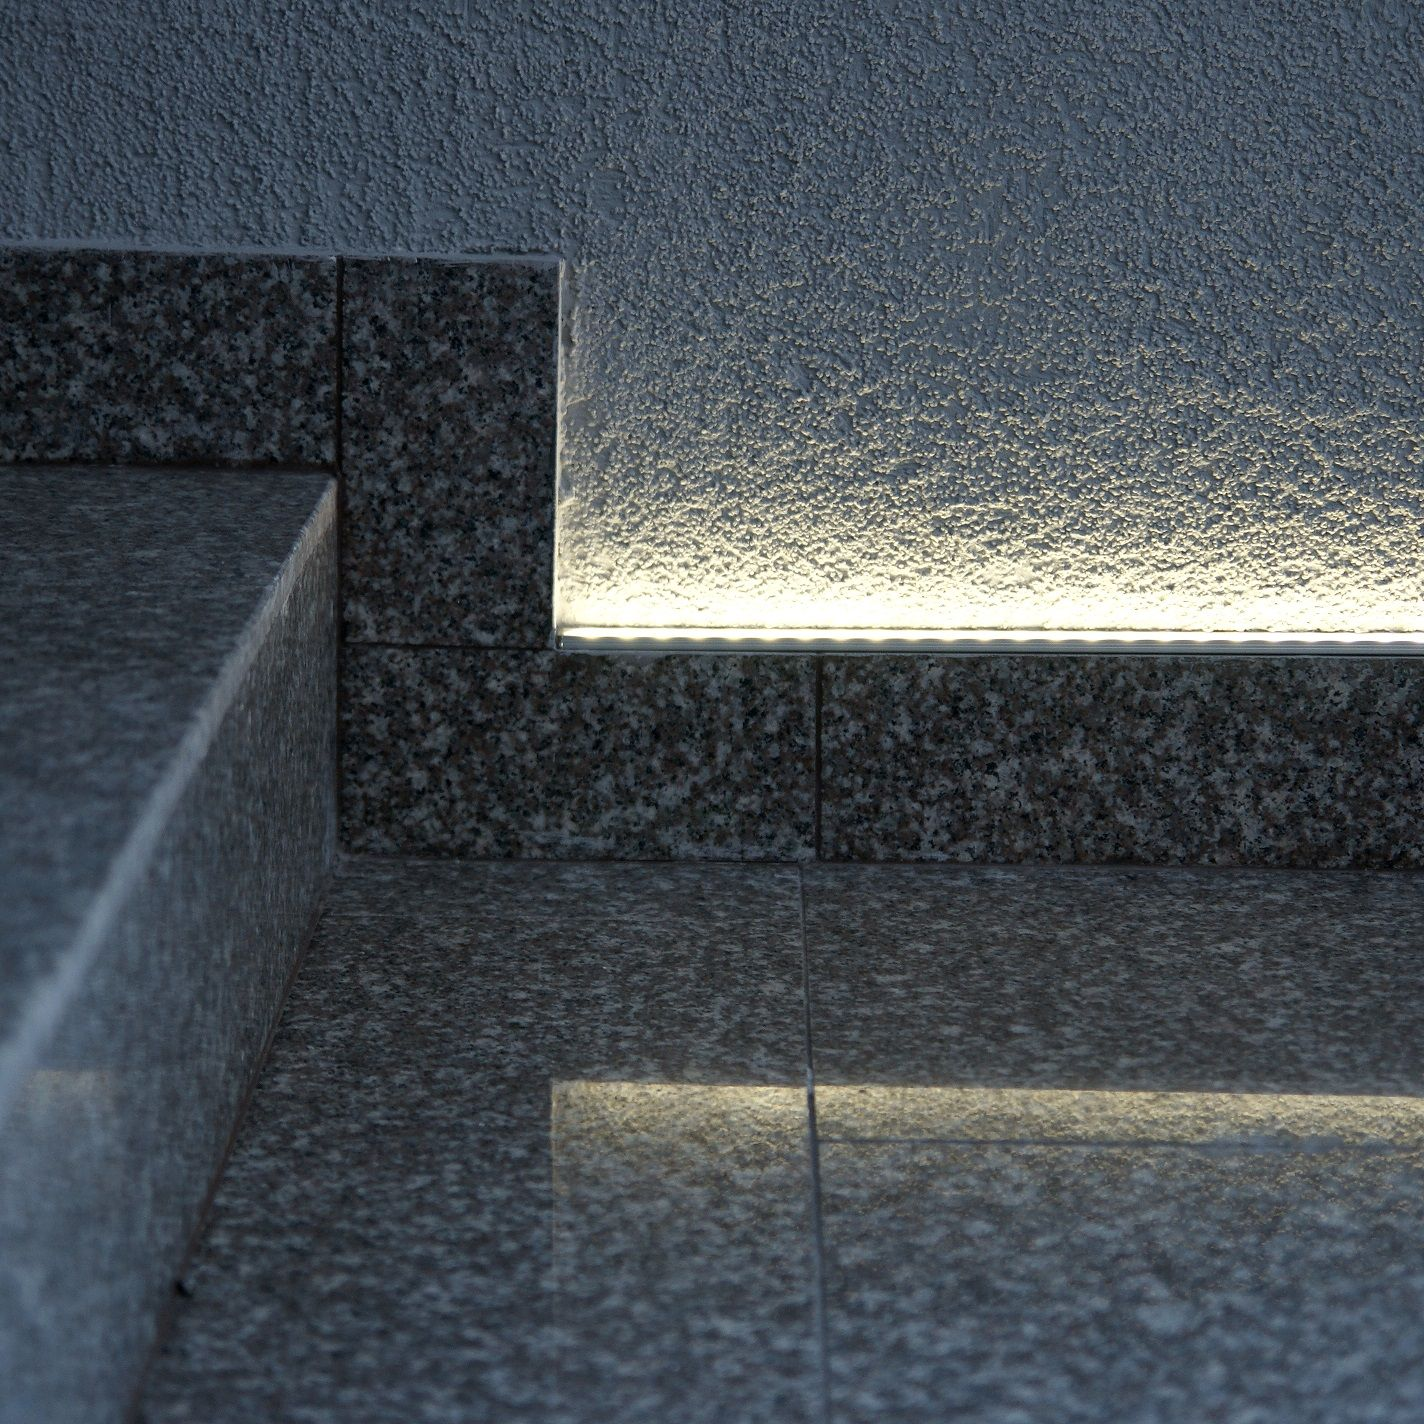 Sehr Schmales Und Kleine Led Aluminiumprofil Fur Jede Gelegenheit Led Beleuchtung Beleuchten